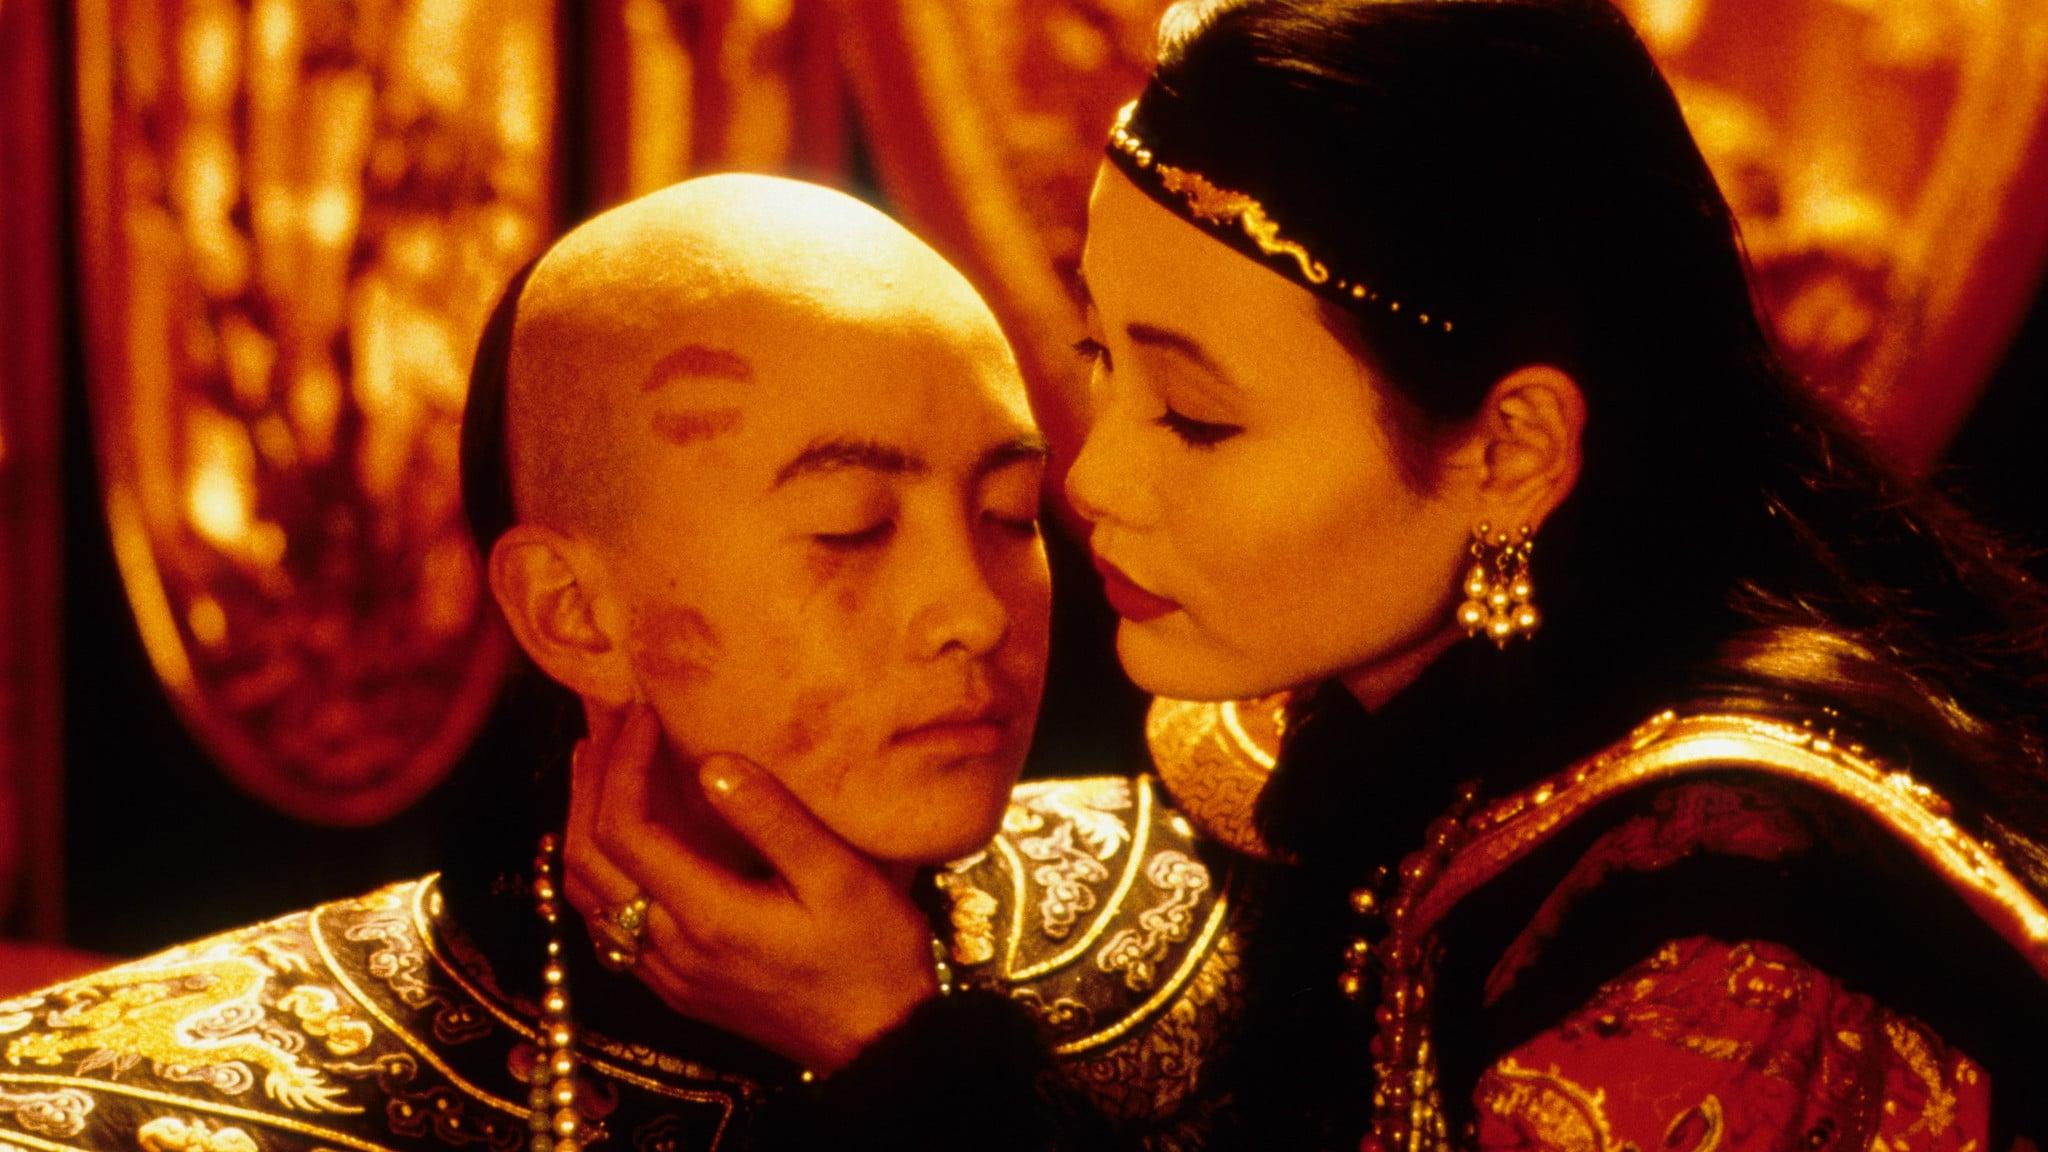 末代皇帝 The Last Emperor (1987) 中文字幕|ZM字幕吧(www.zmbaa.com)--字幕下載網站